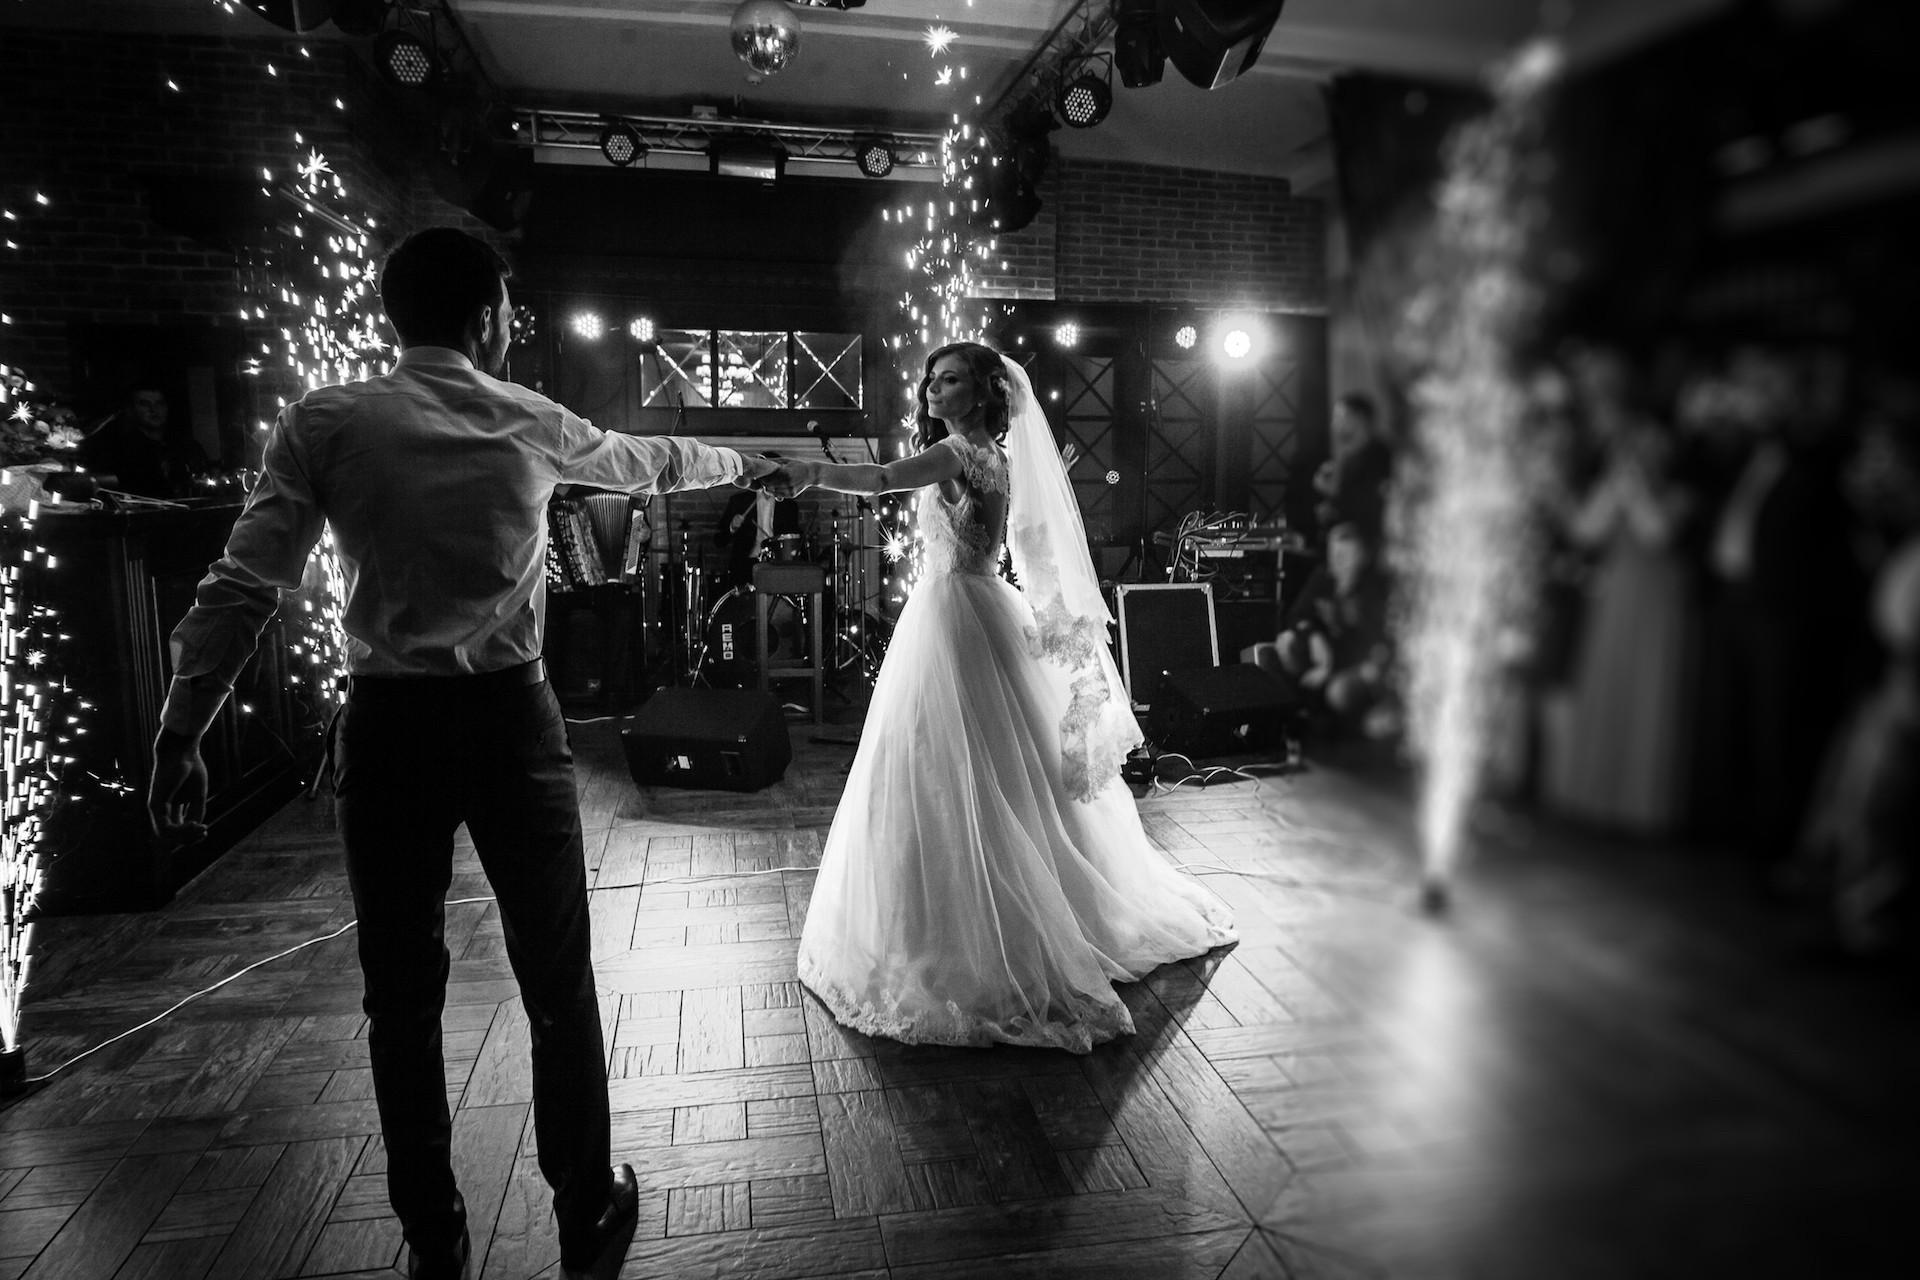 Hochzeit versichern